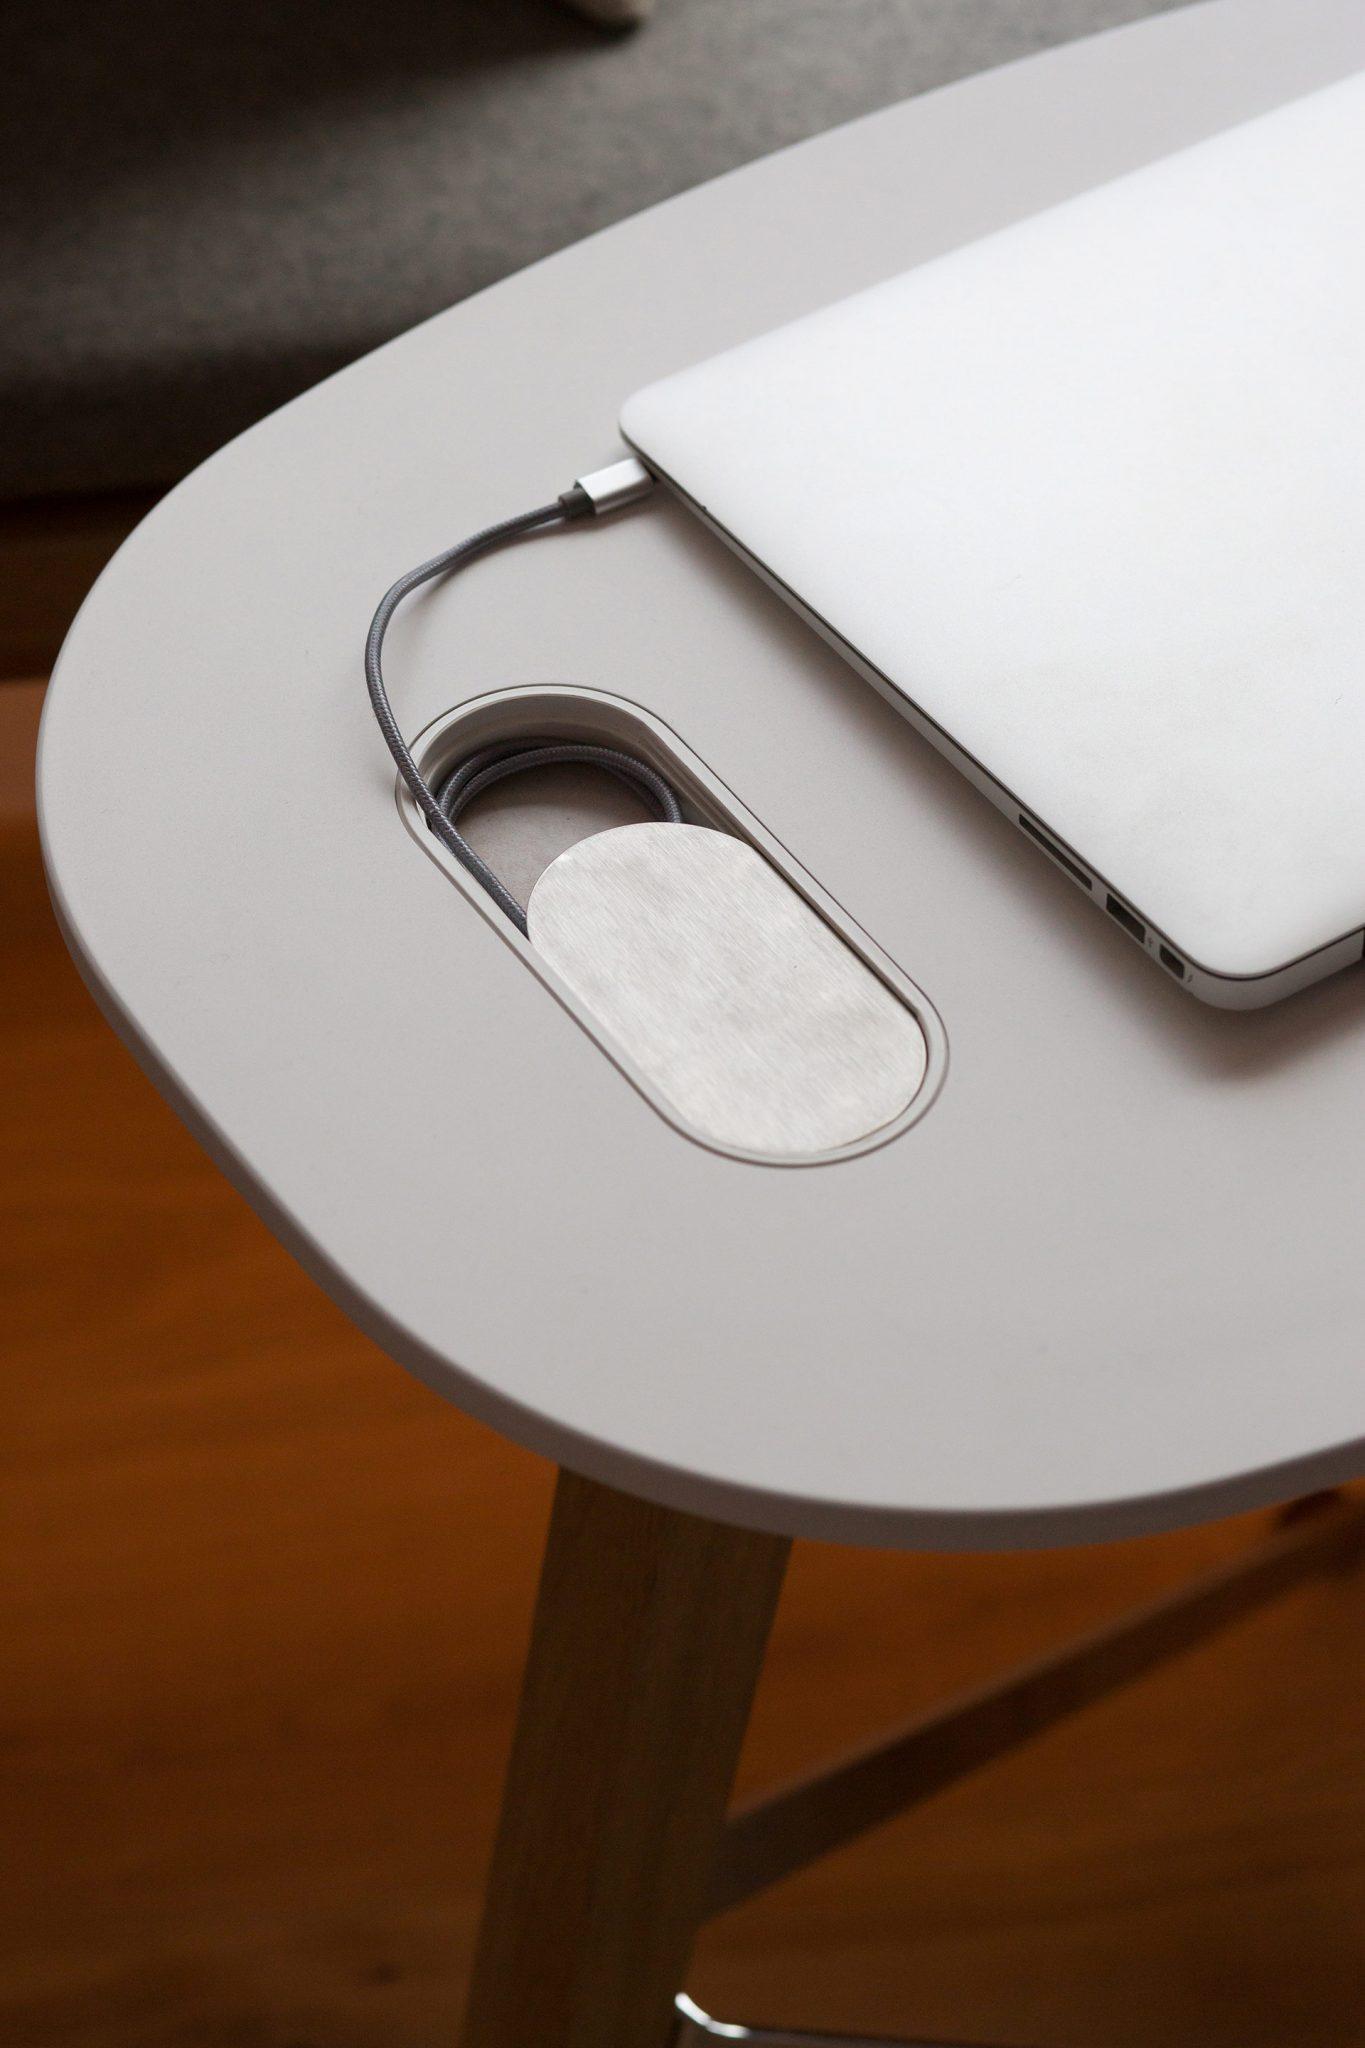 Tisch für Tablet Radisson Blu Frankfurt